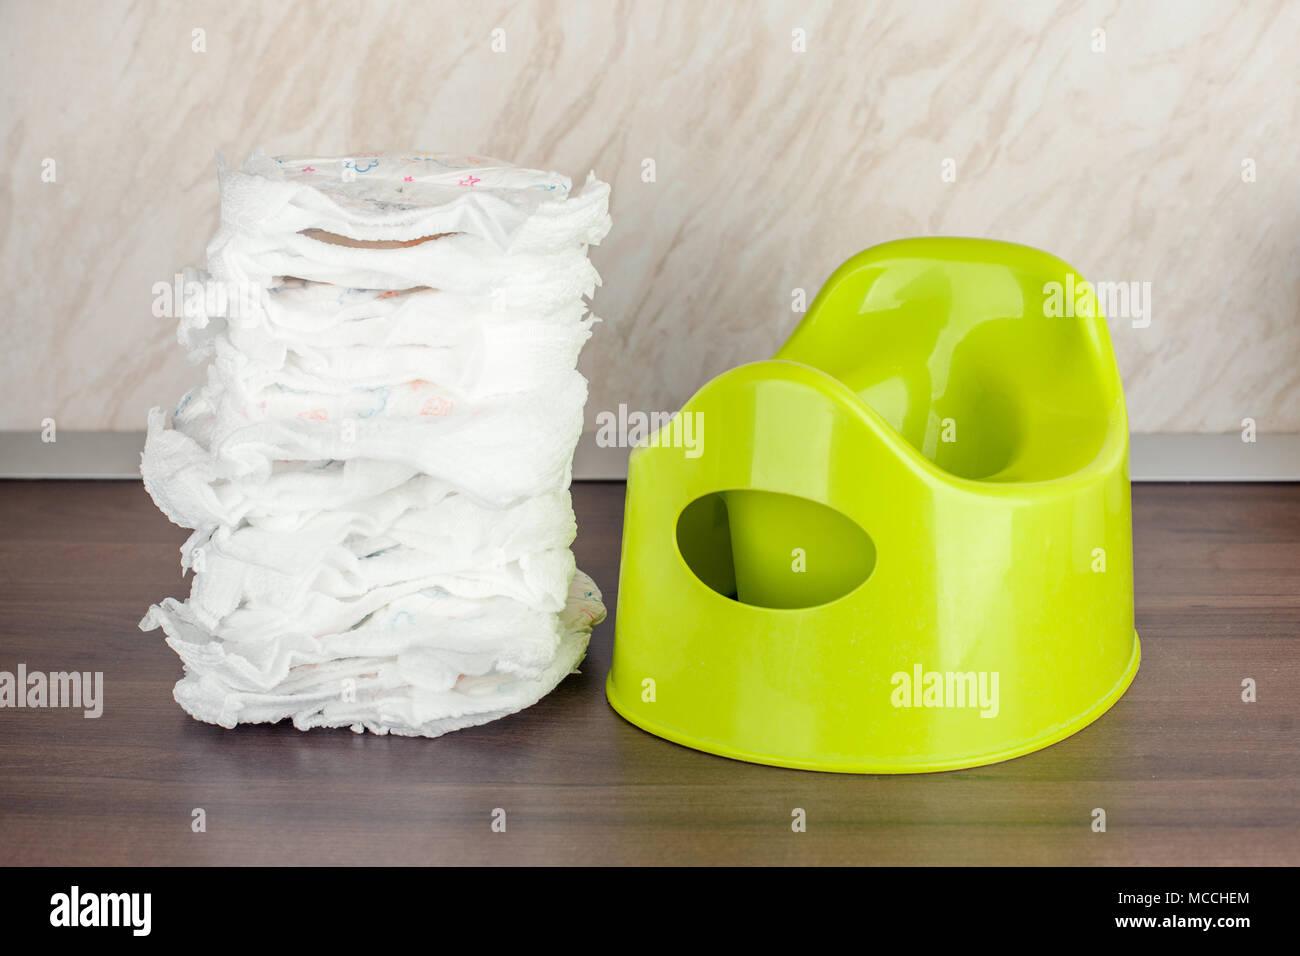 Kinder Wc Topf Grün Und Windeln Das Konzept Der Bewegten Das Baby